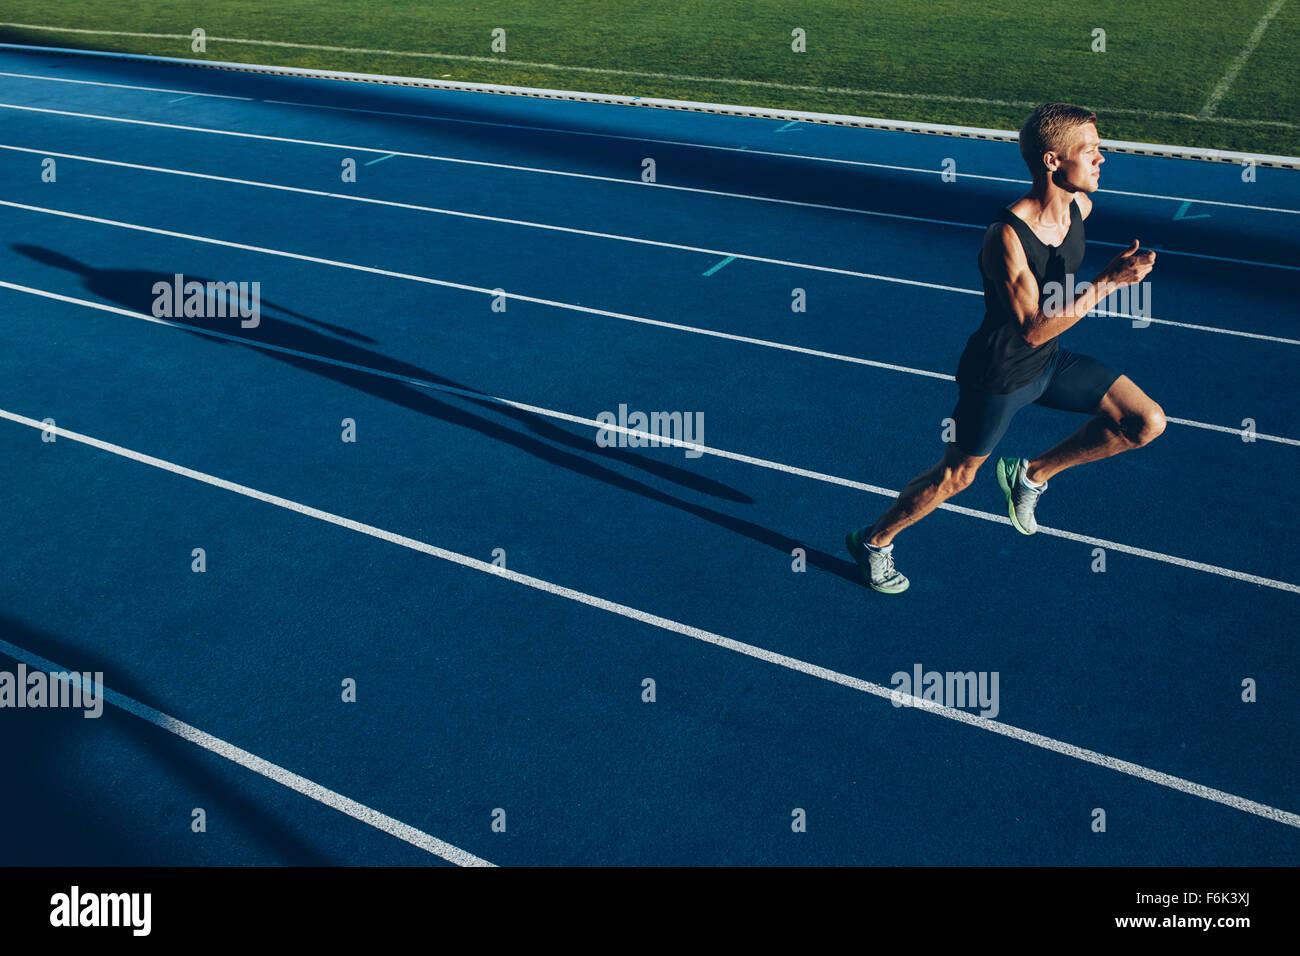 Foto de joven profesional sprinter corriendo en pista. Runner practicando su corrida en la pista de atletismo. Imagen De Stock